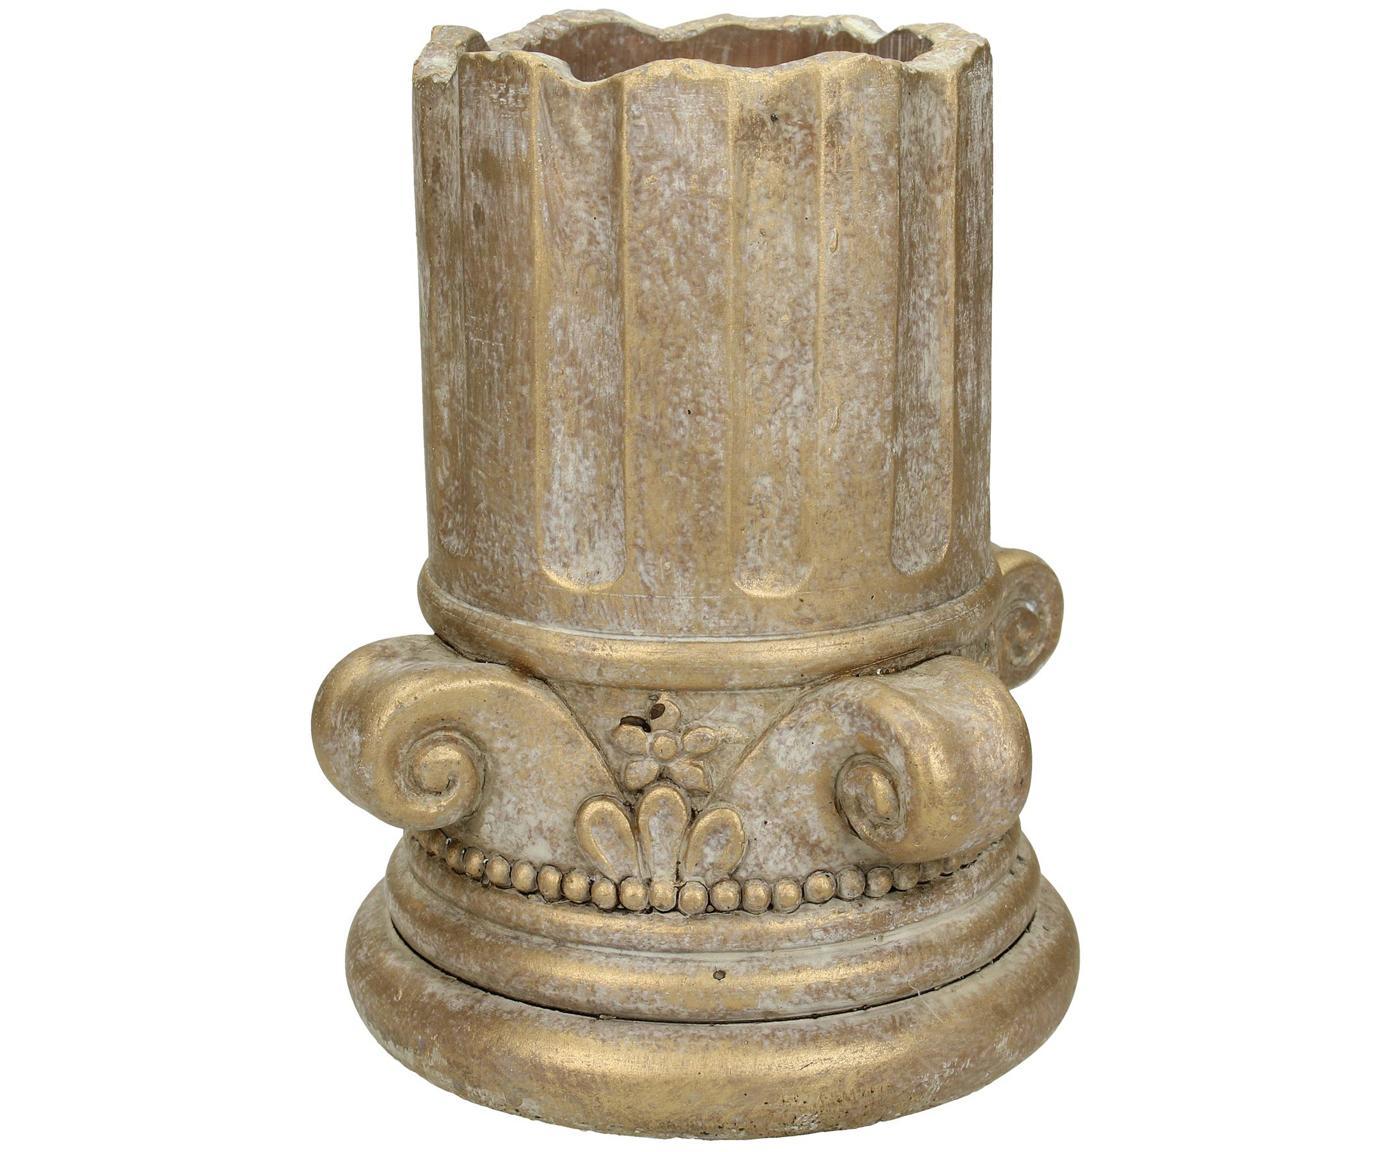 Kleiner Übertopf Column aus Beton, Beton, Goldfarben mit Antik-Finish, Ø 15 x H 17 cm